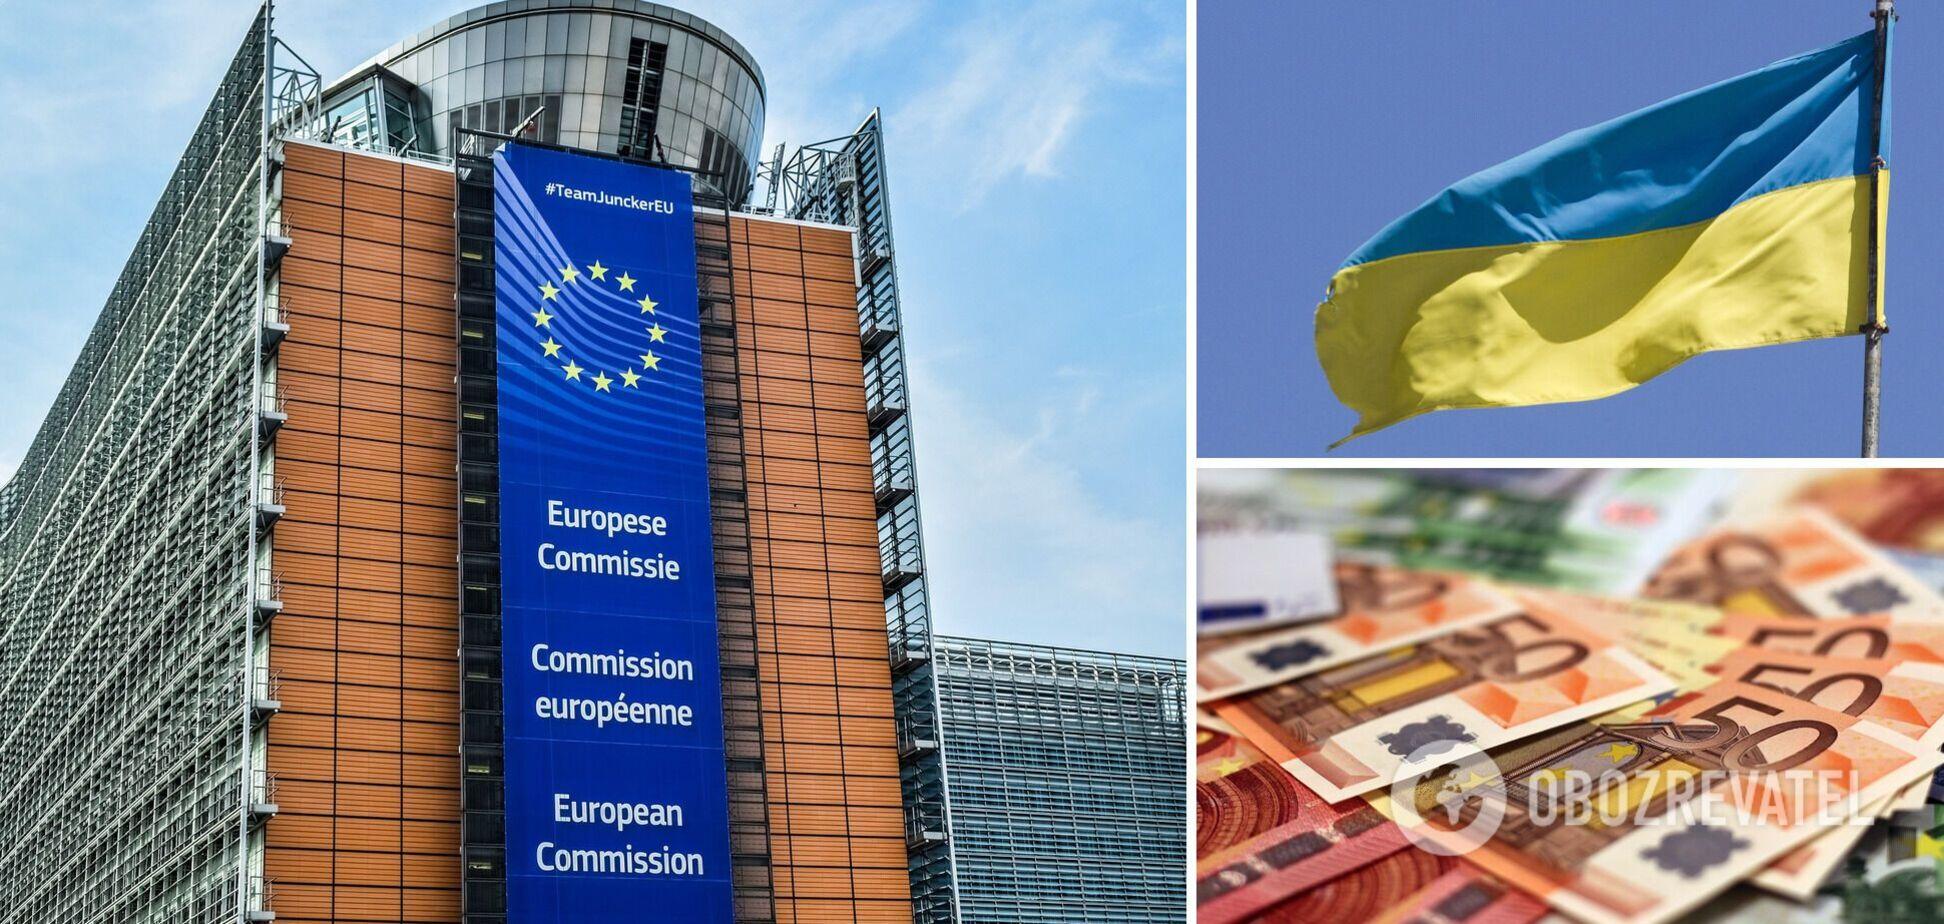 ЄС виділила Україні 600 млн євро в рамках макрофінансової допомоги